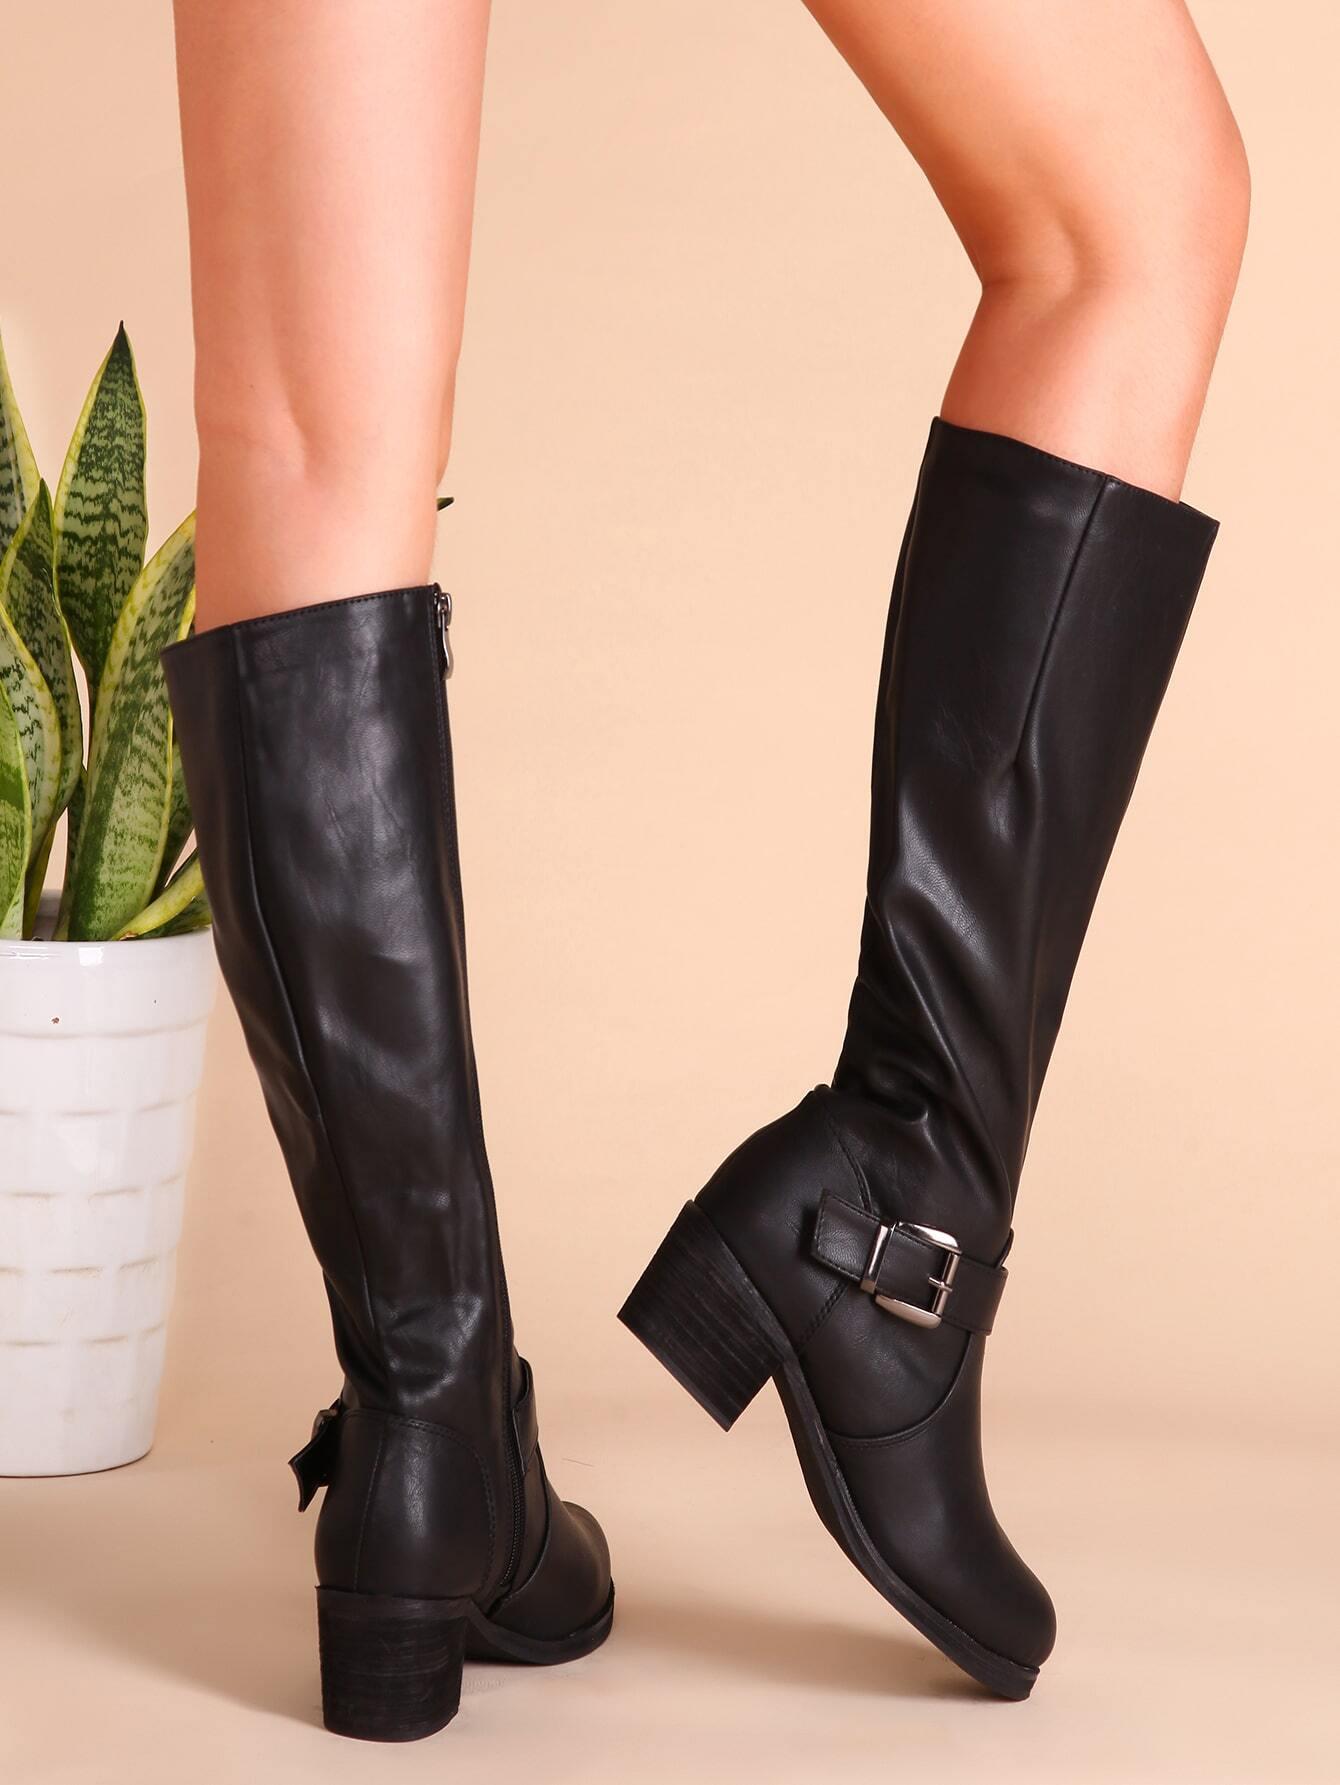 shoes161121801_2